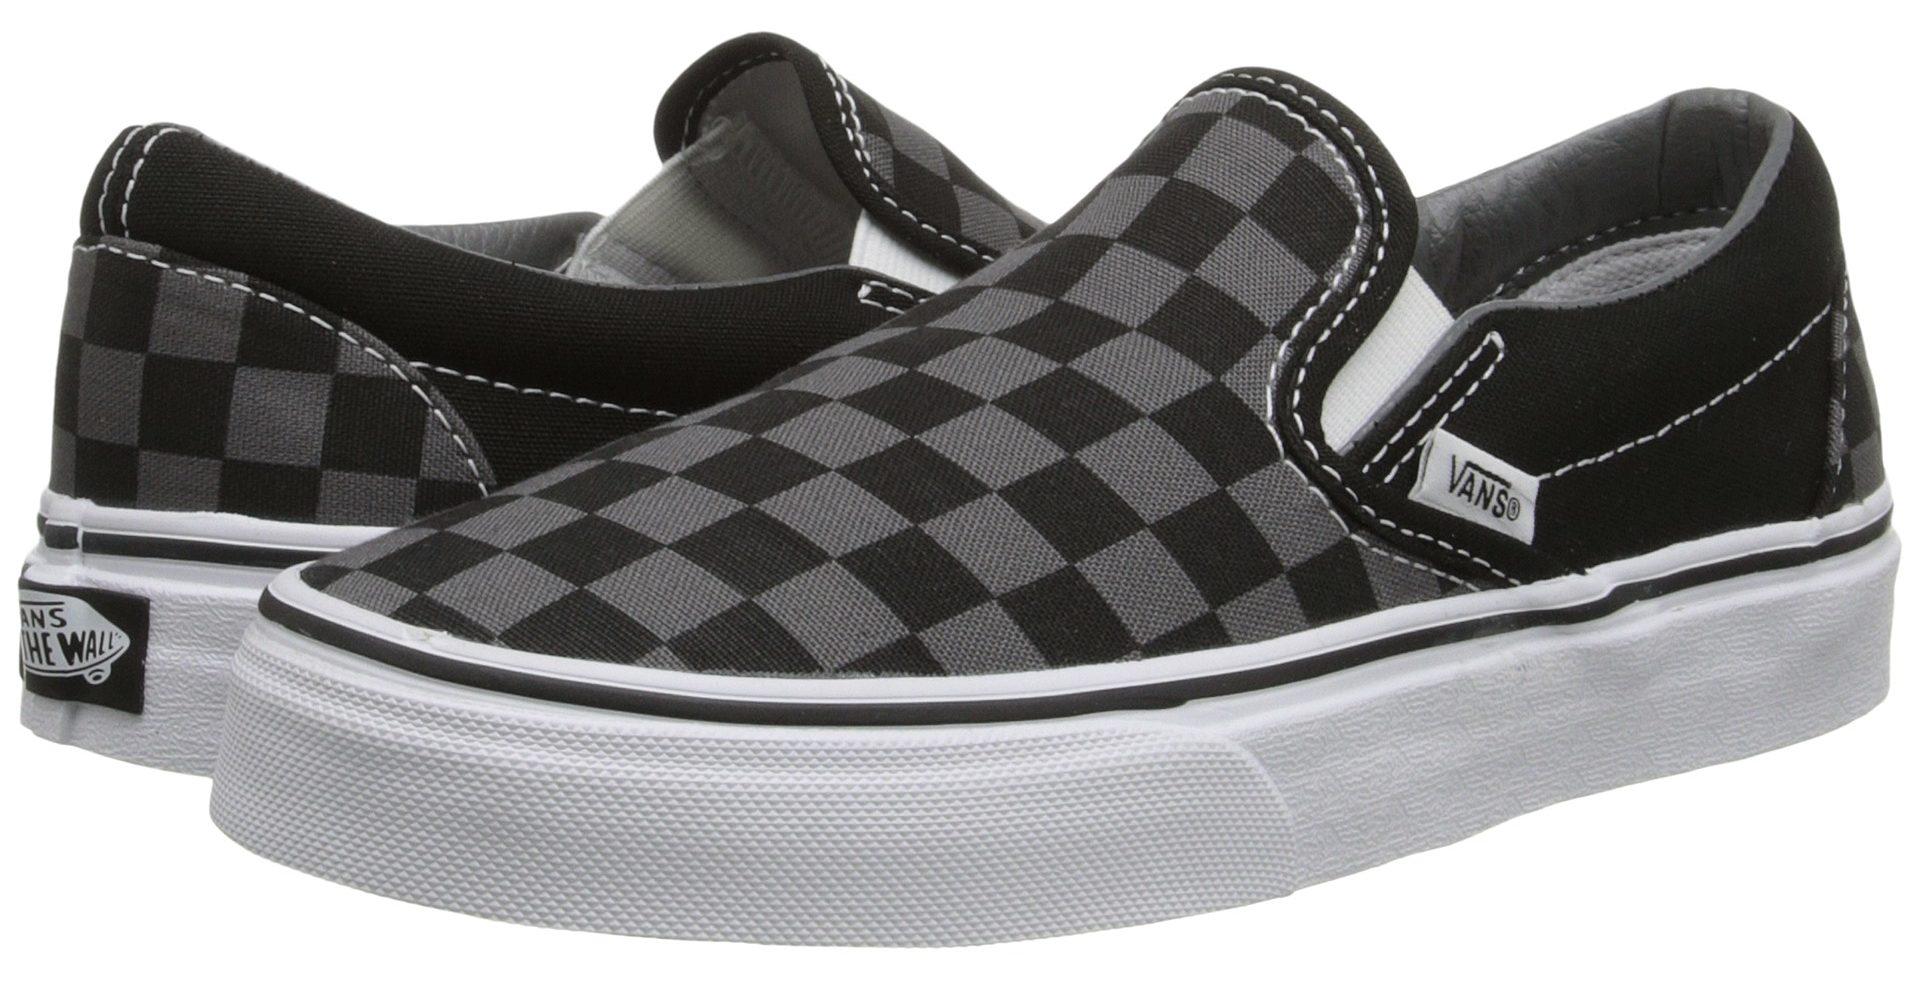 vans sneakers black u0026 pewter slip-on vans shoes - buy it here for $50 wdlqrpx